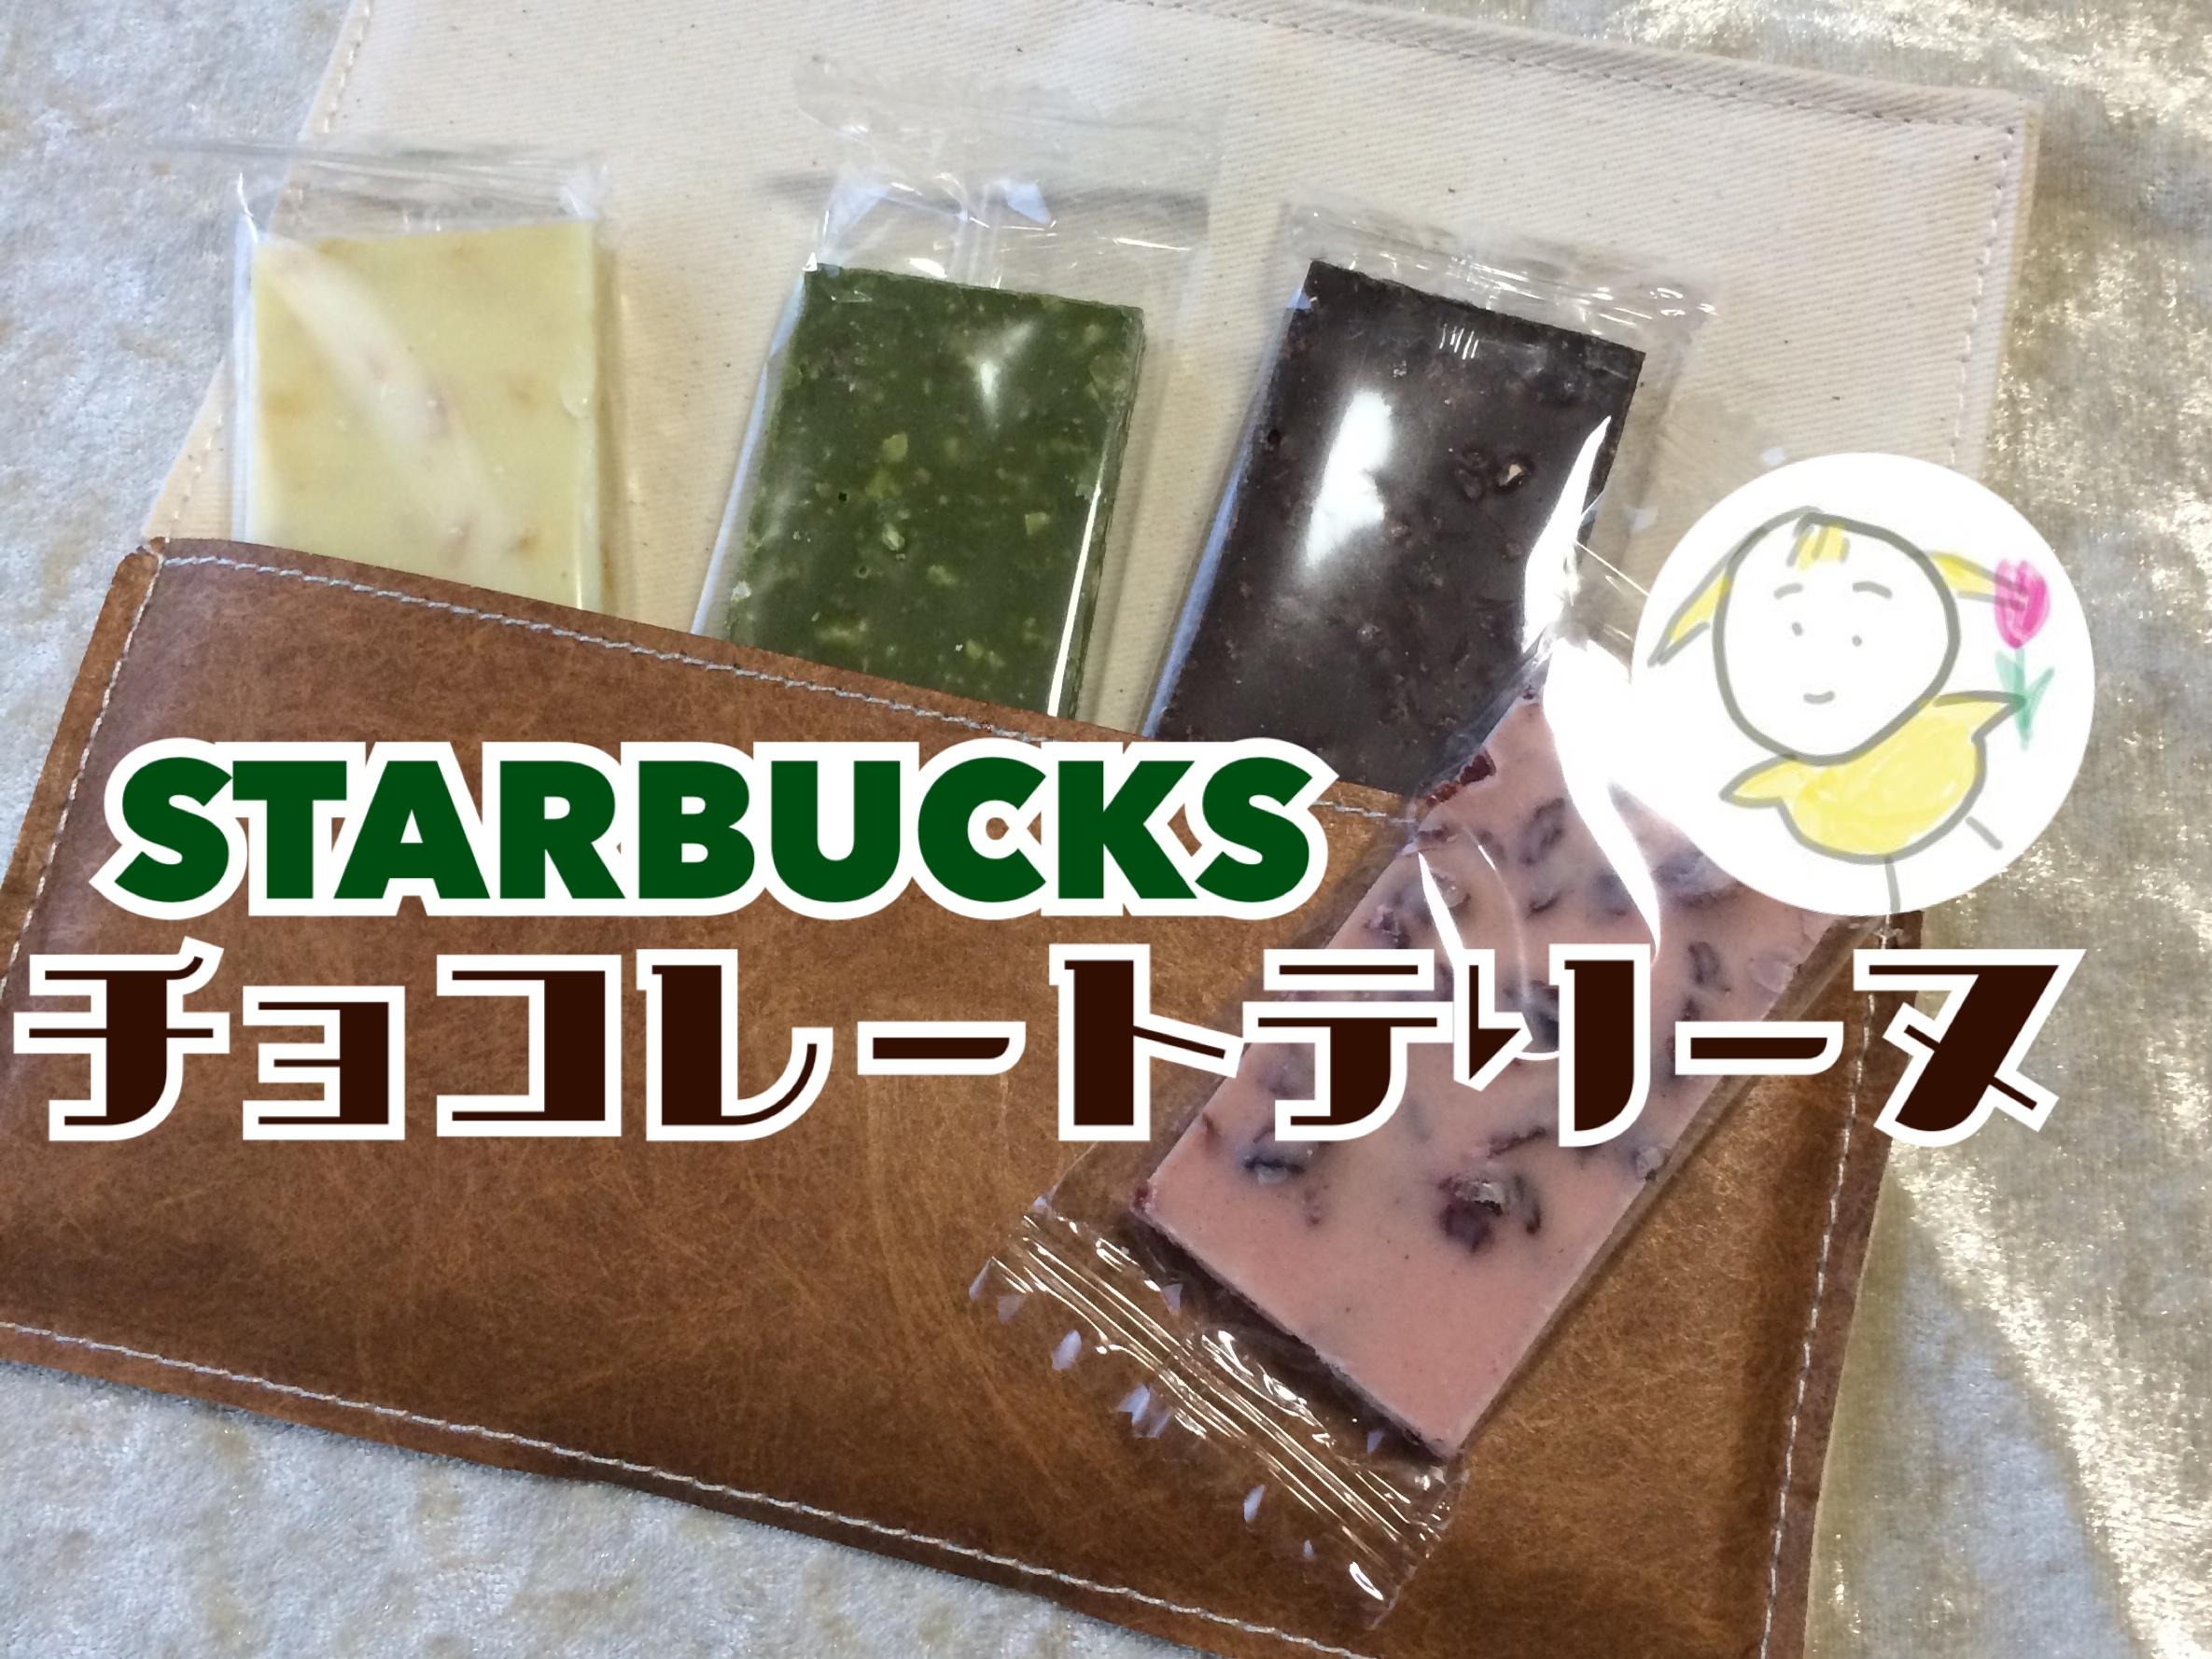 【スターバックス】話題のペンケース入りチョコレートテリーヌを大解剖!【バレンタイン2018】